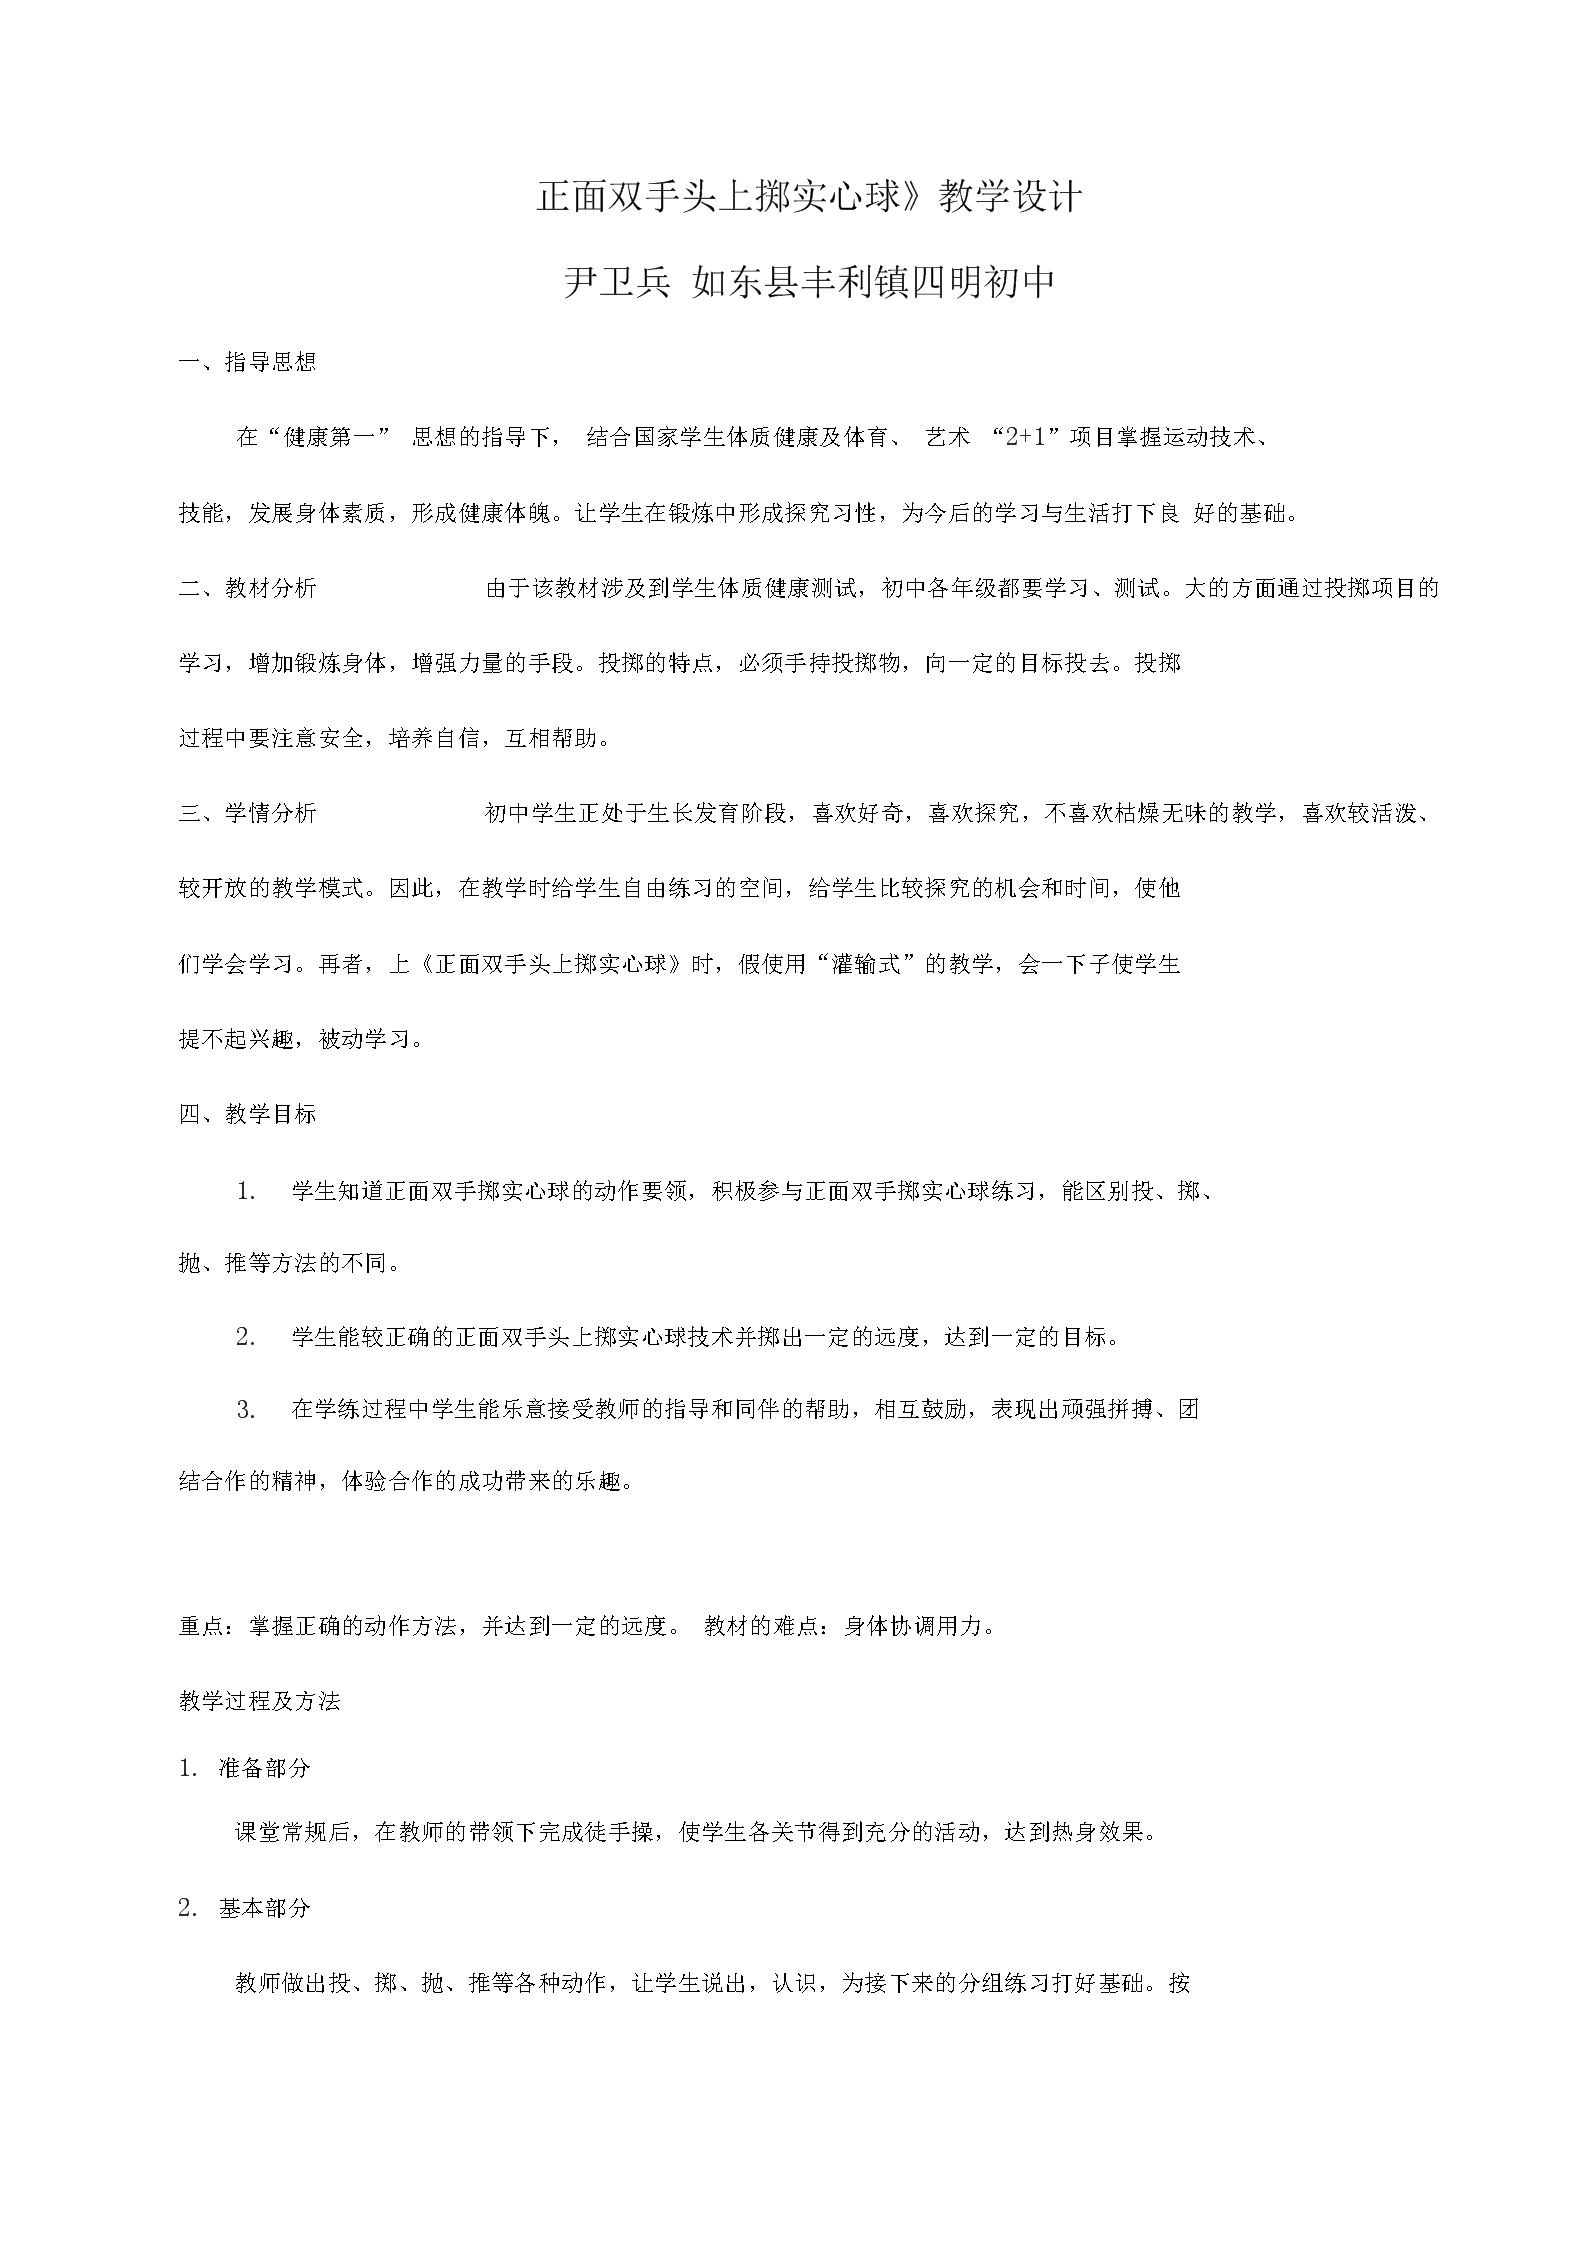 原地双手头上投掷实心球上课教案.docx